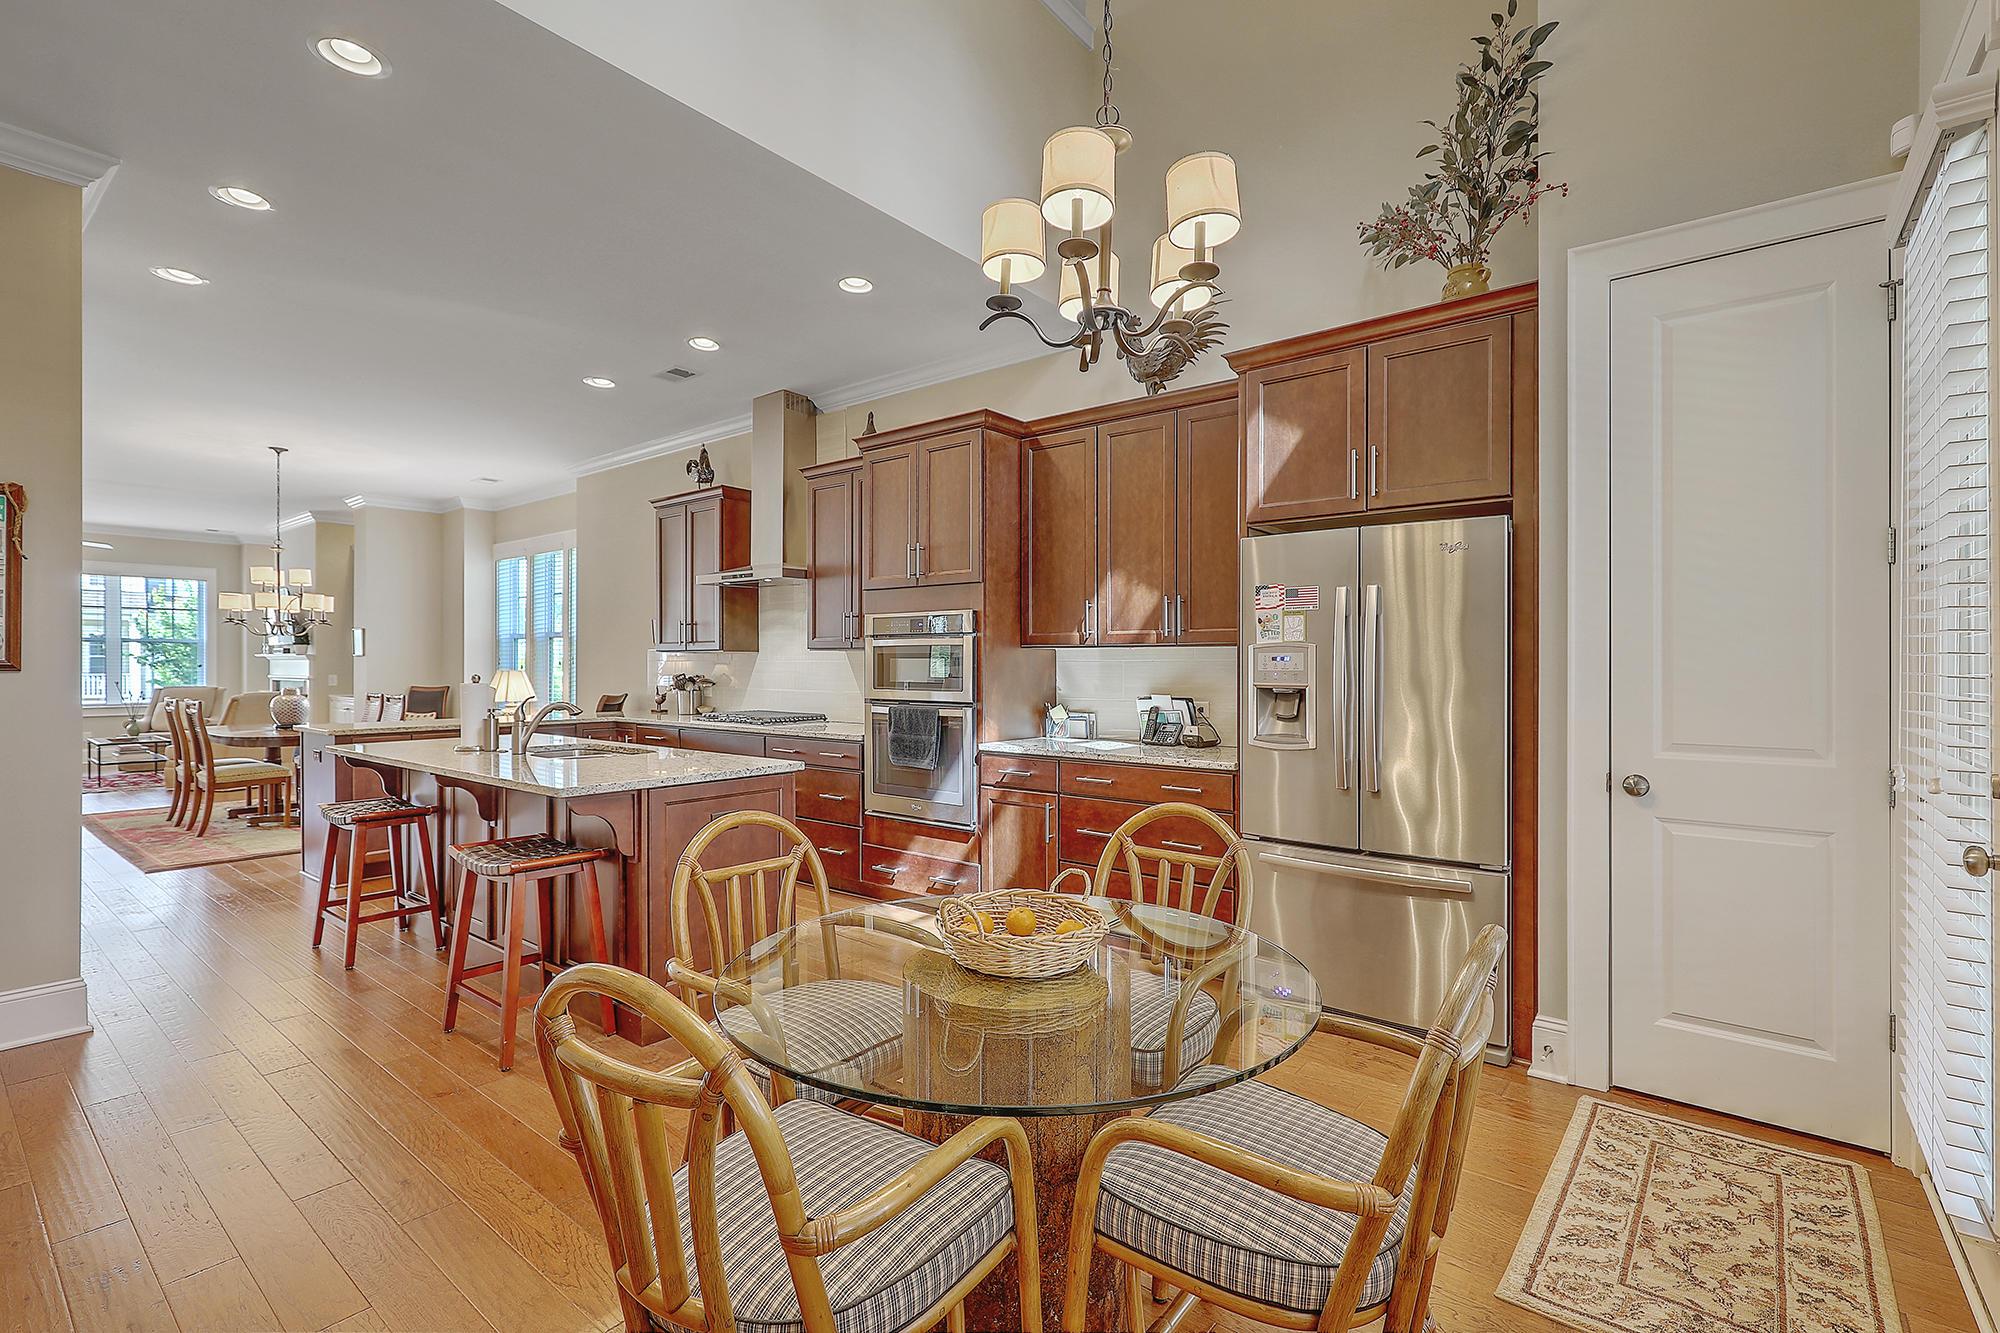 Dunes West Homes For Sale - 3171 Sturbridge, Mount Pleasant, SC - 43